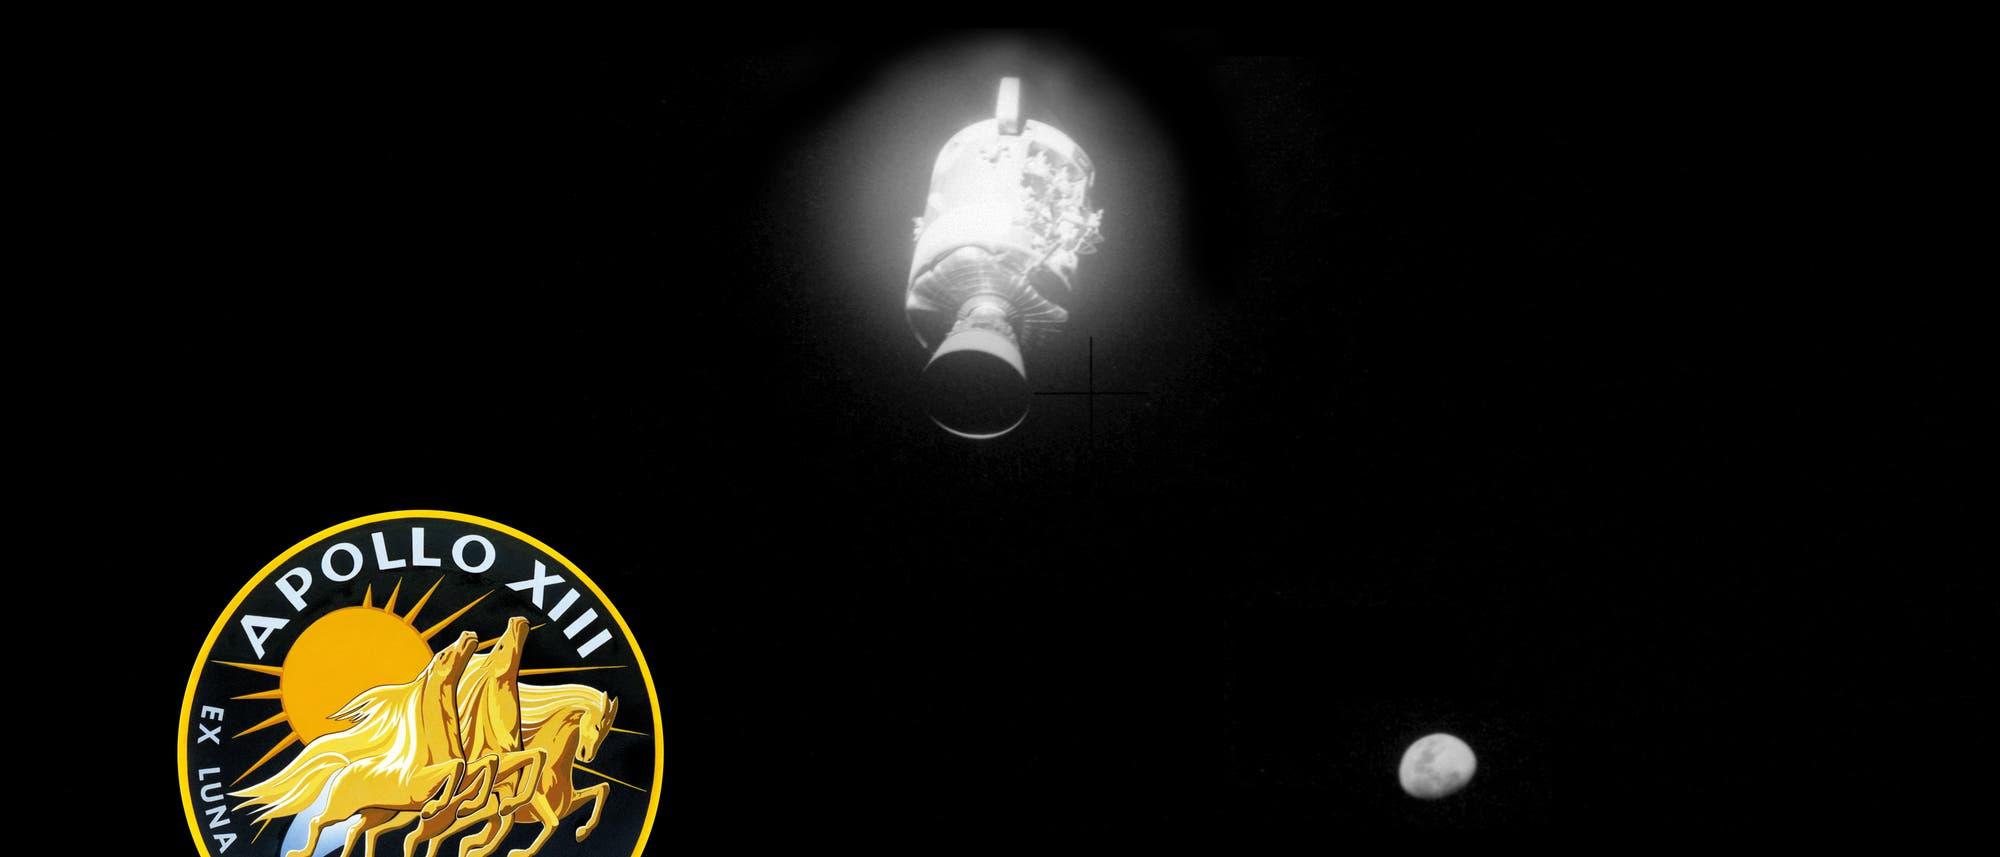 Abtrennung des beschädigten Service Moduls der Apollo 13 Mission